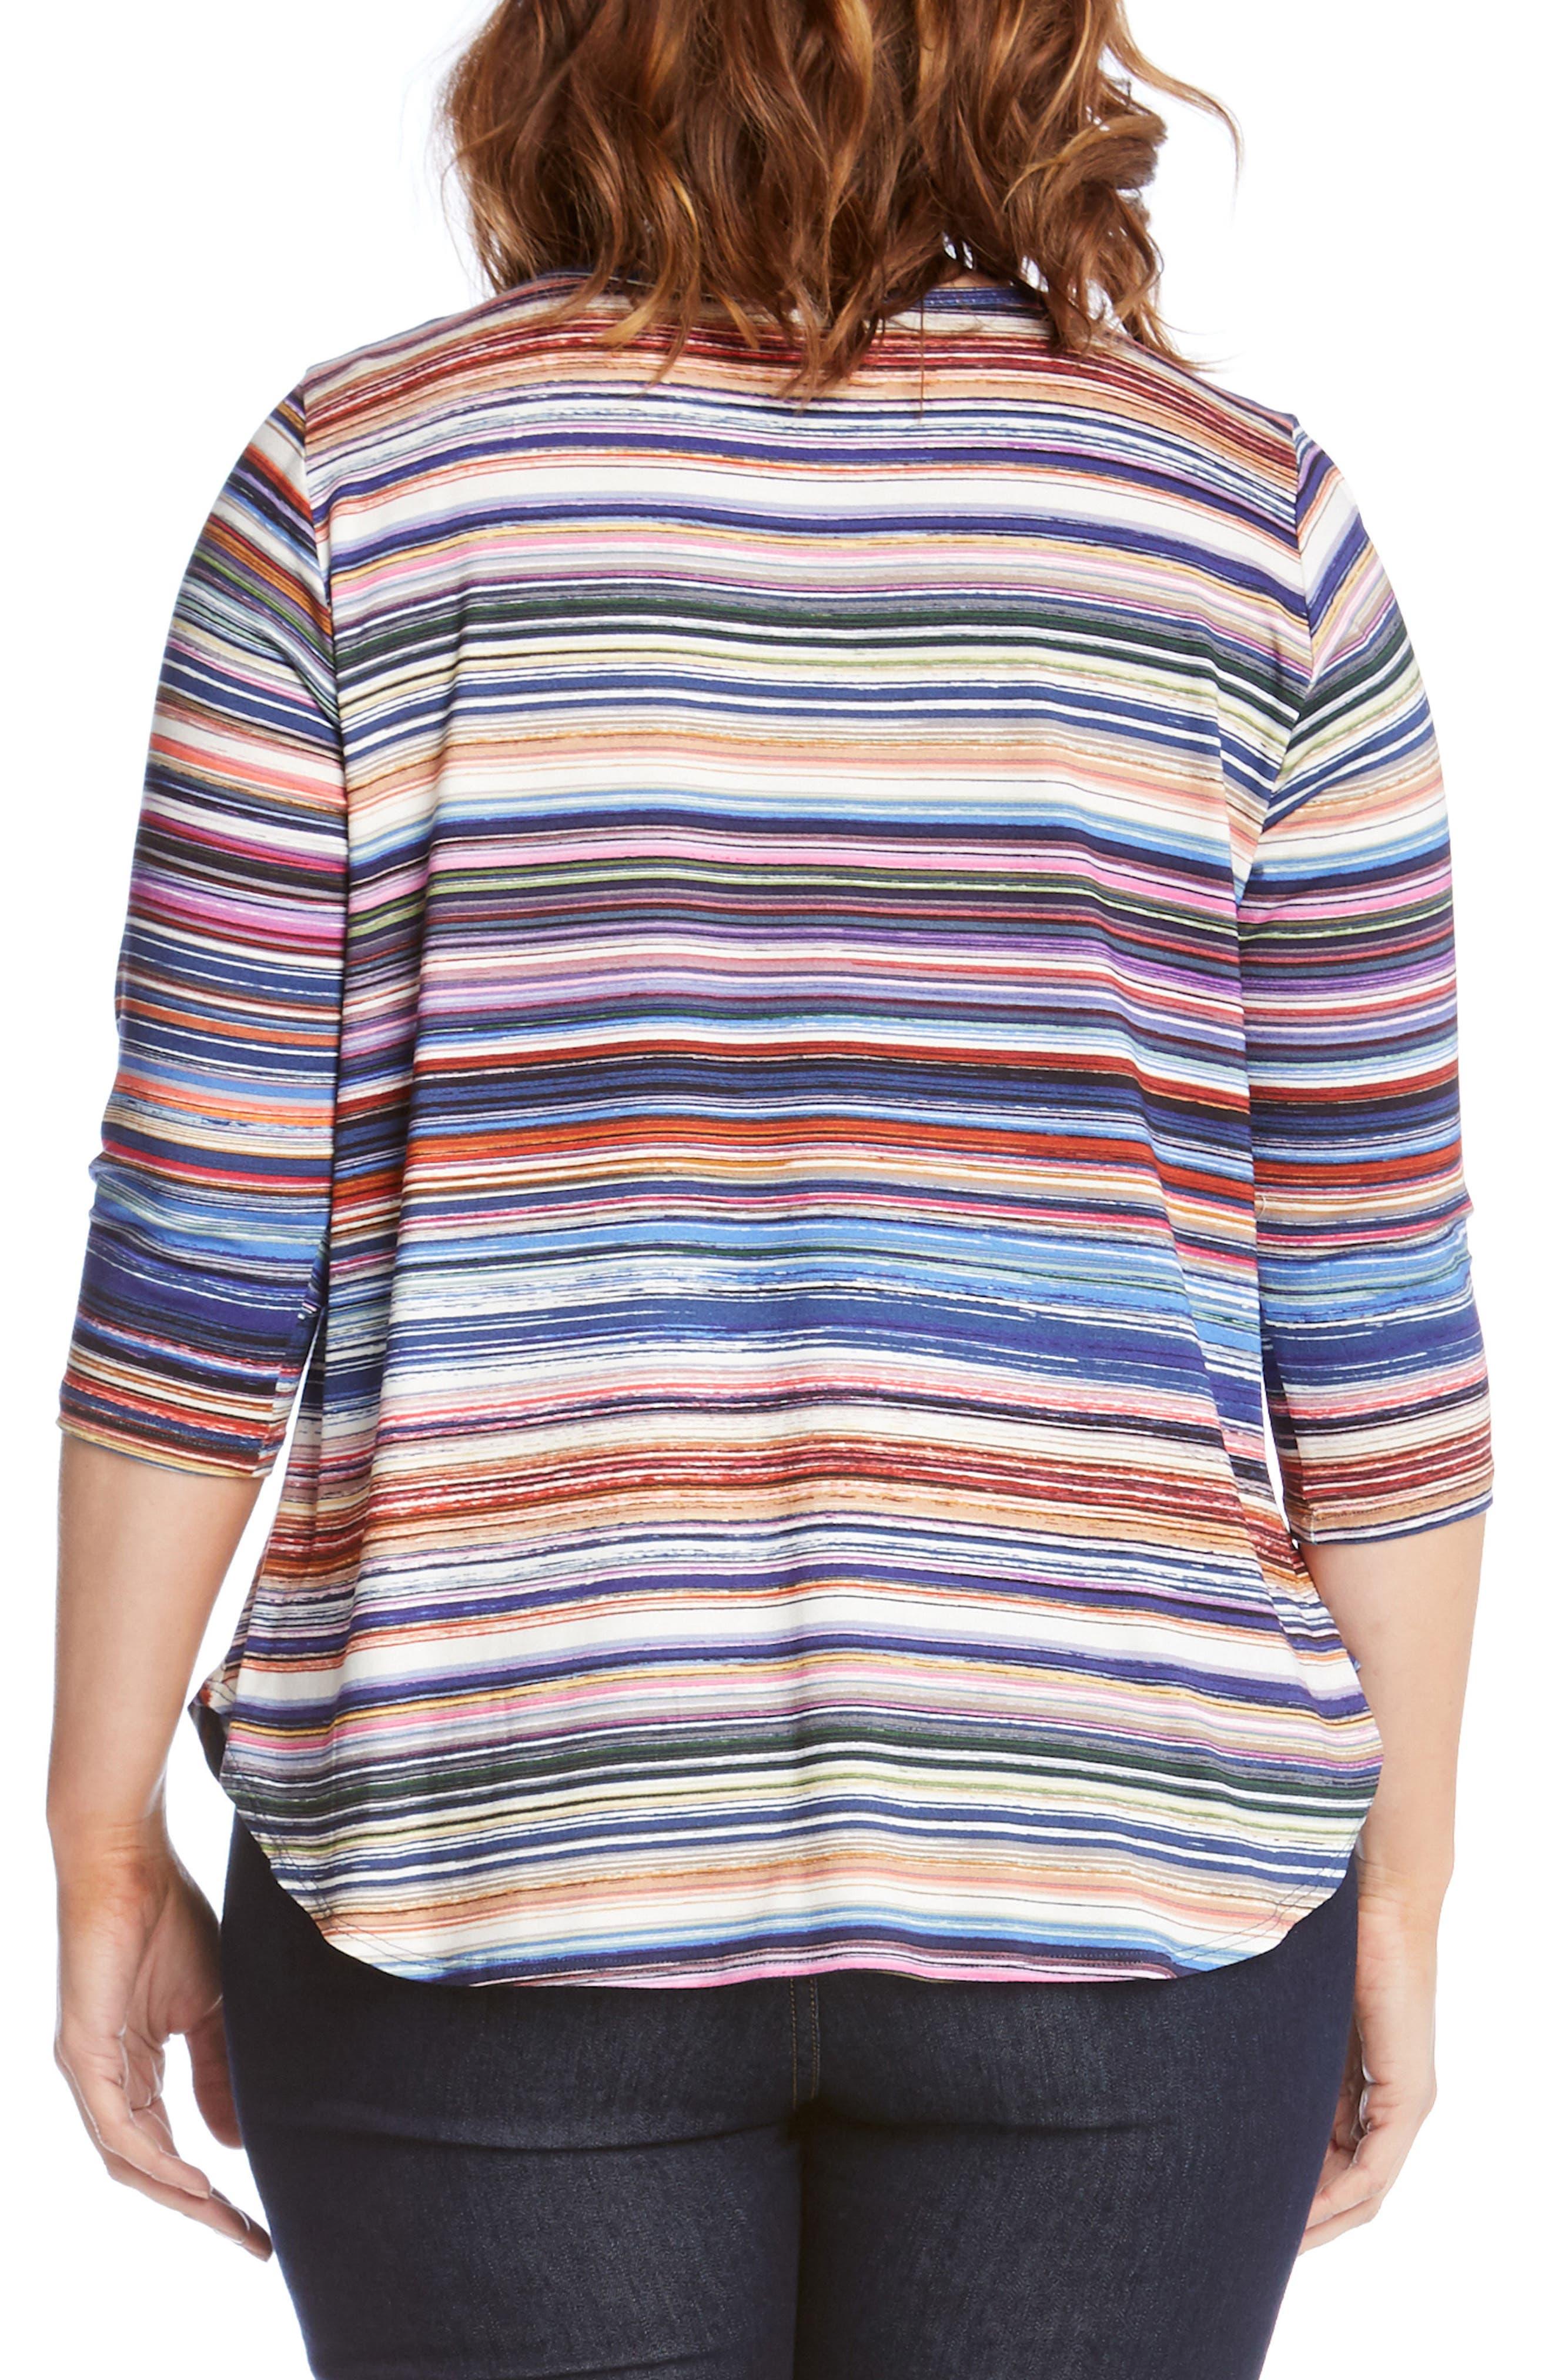 Alternate Image 2  - Karen Kane Newport Stripe Shirttail Top (Plus Size)